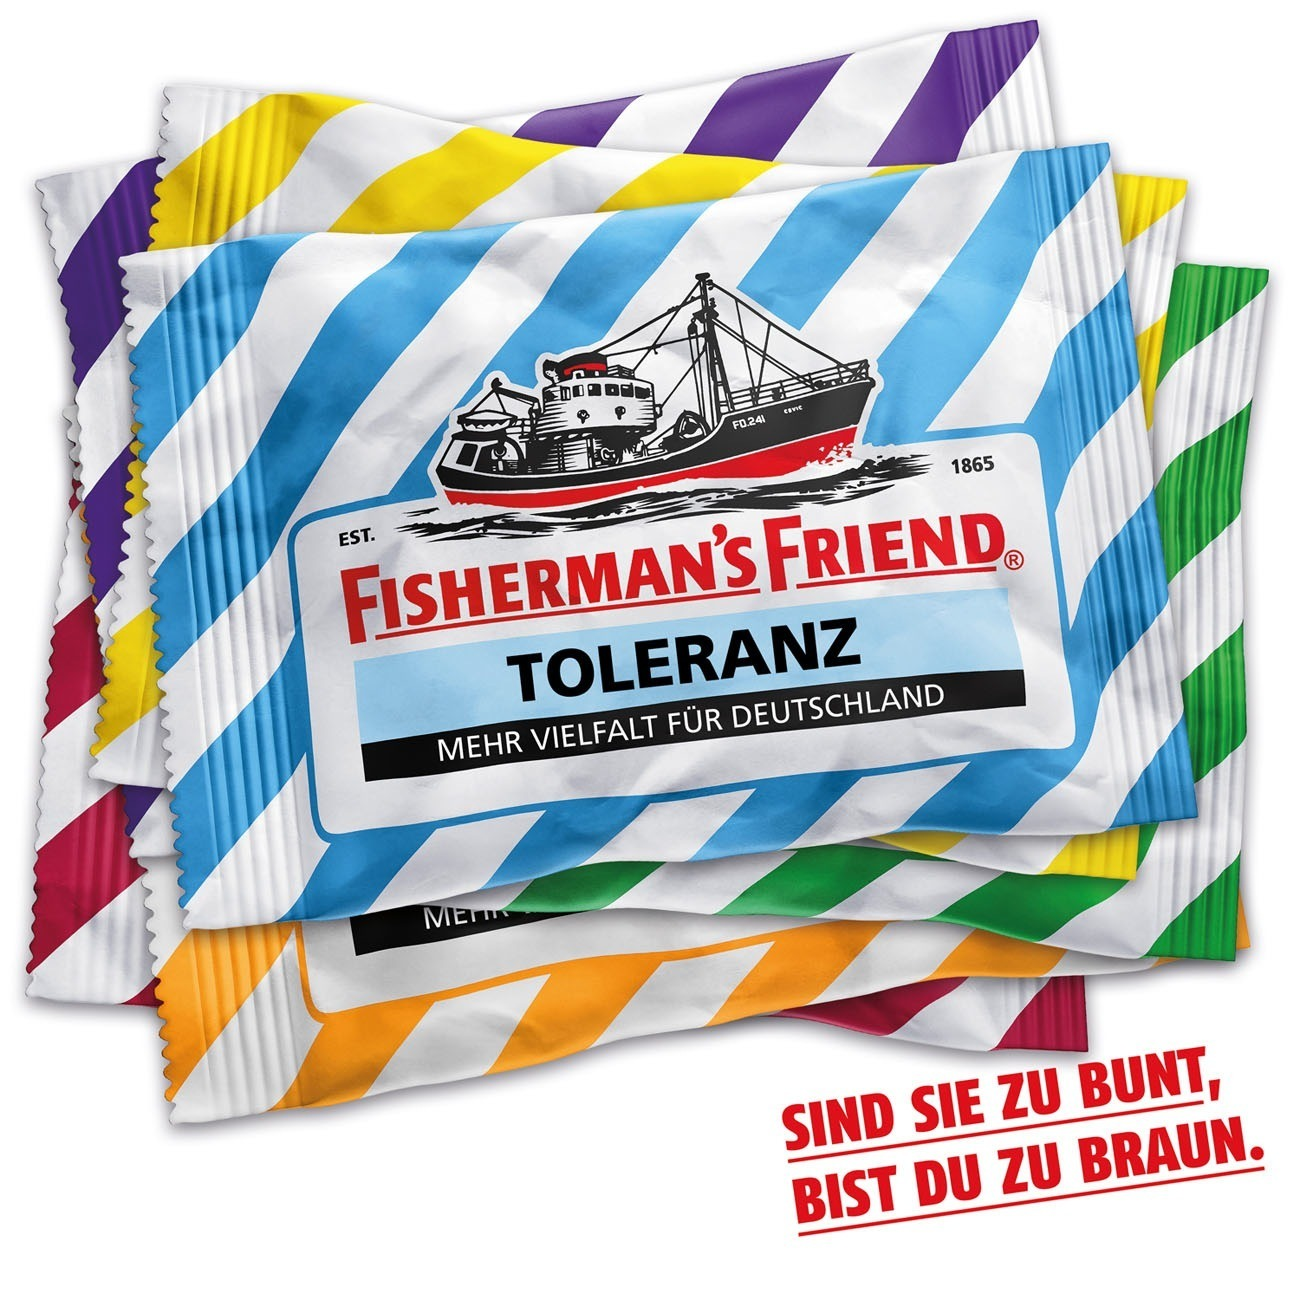 Gold Social Media: Toleranz-Posting von Scholz & Friends für Fisherman's Friend